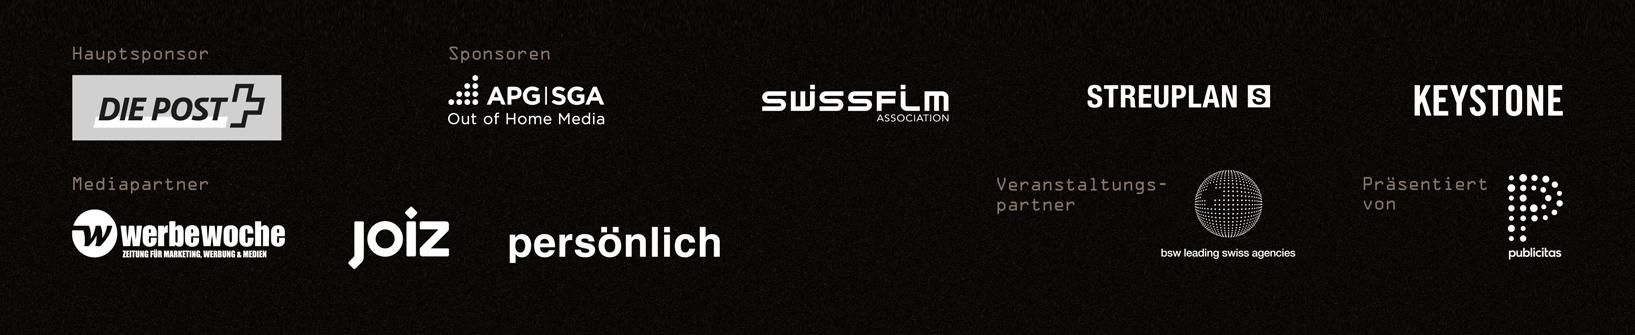 Sponsoren_Logobalken.jpg